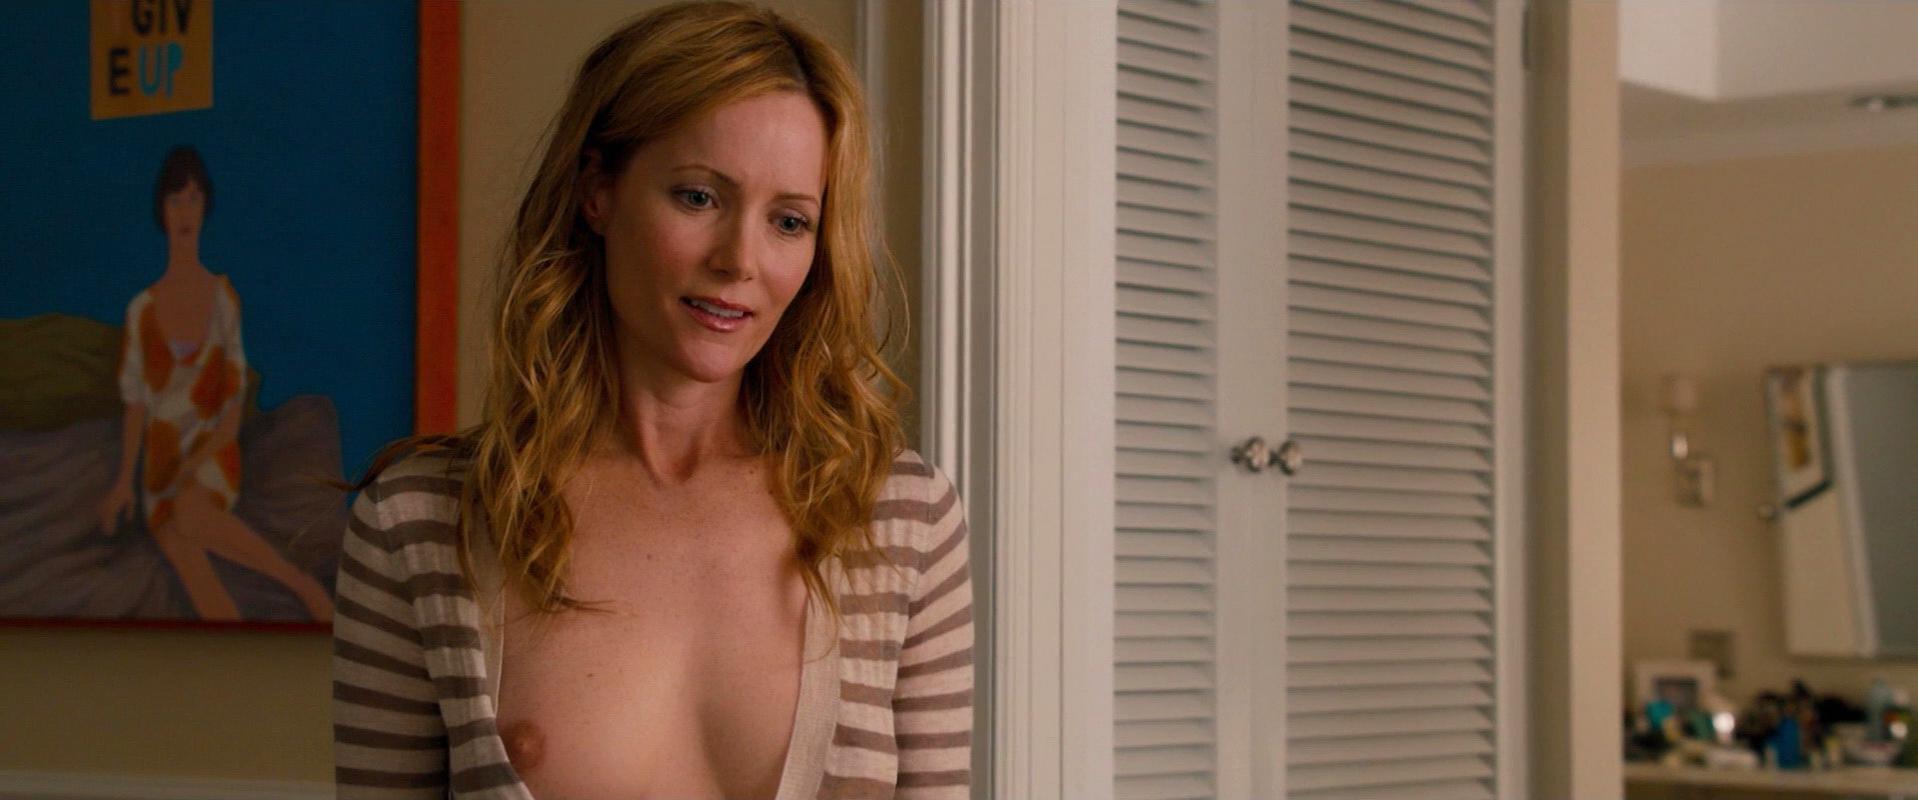 naked leslie mann